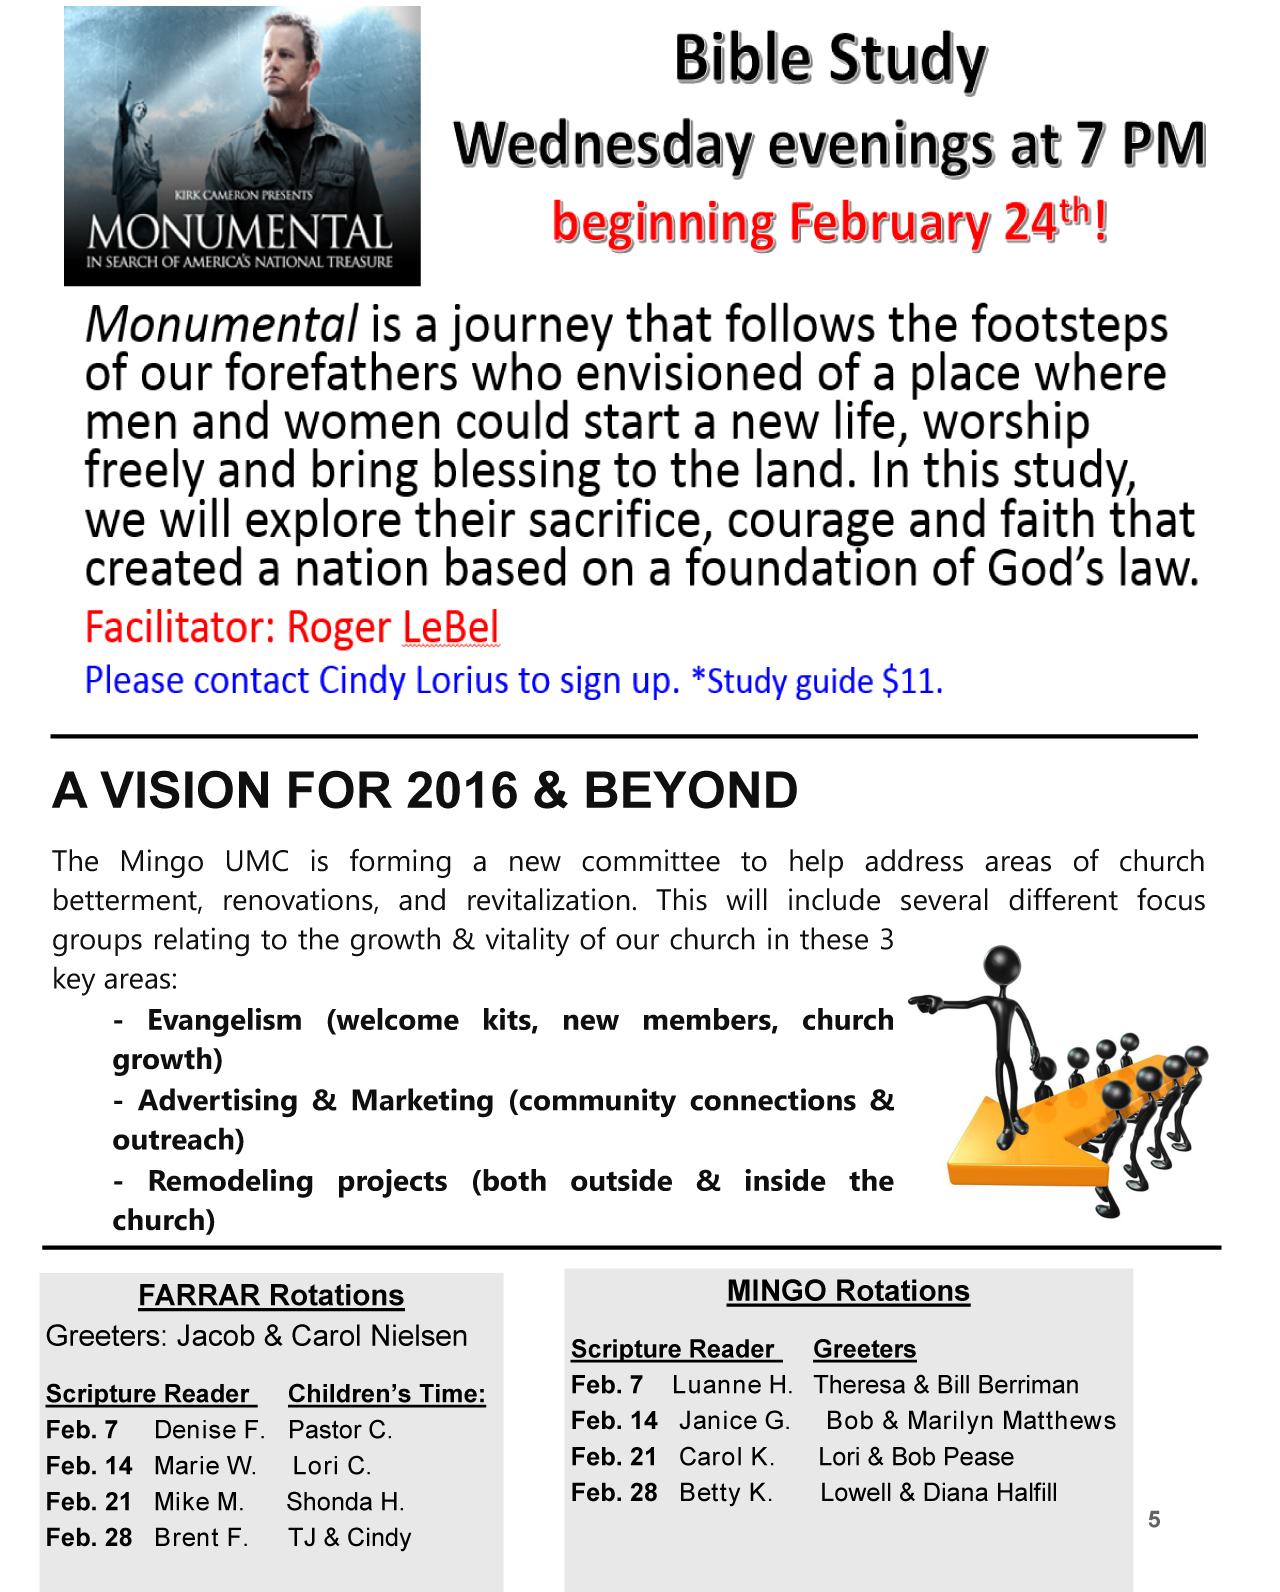 Farrar_Mingo_Newsletter_FEB2016-5